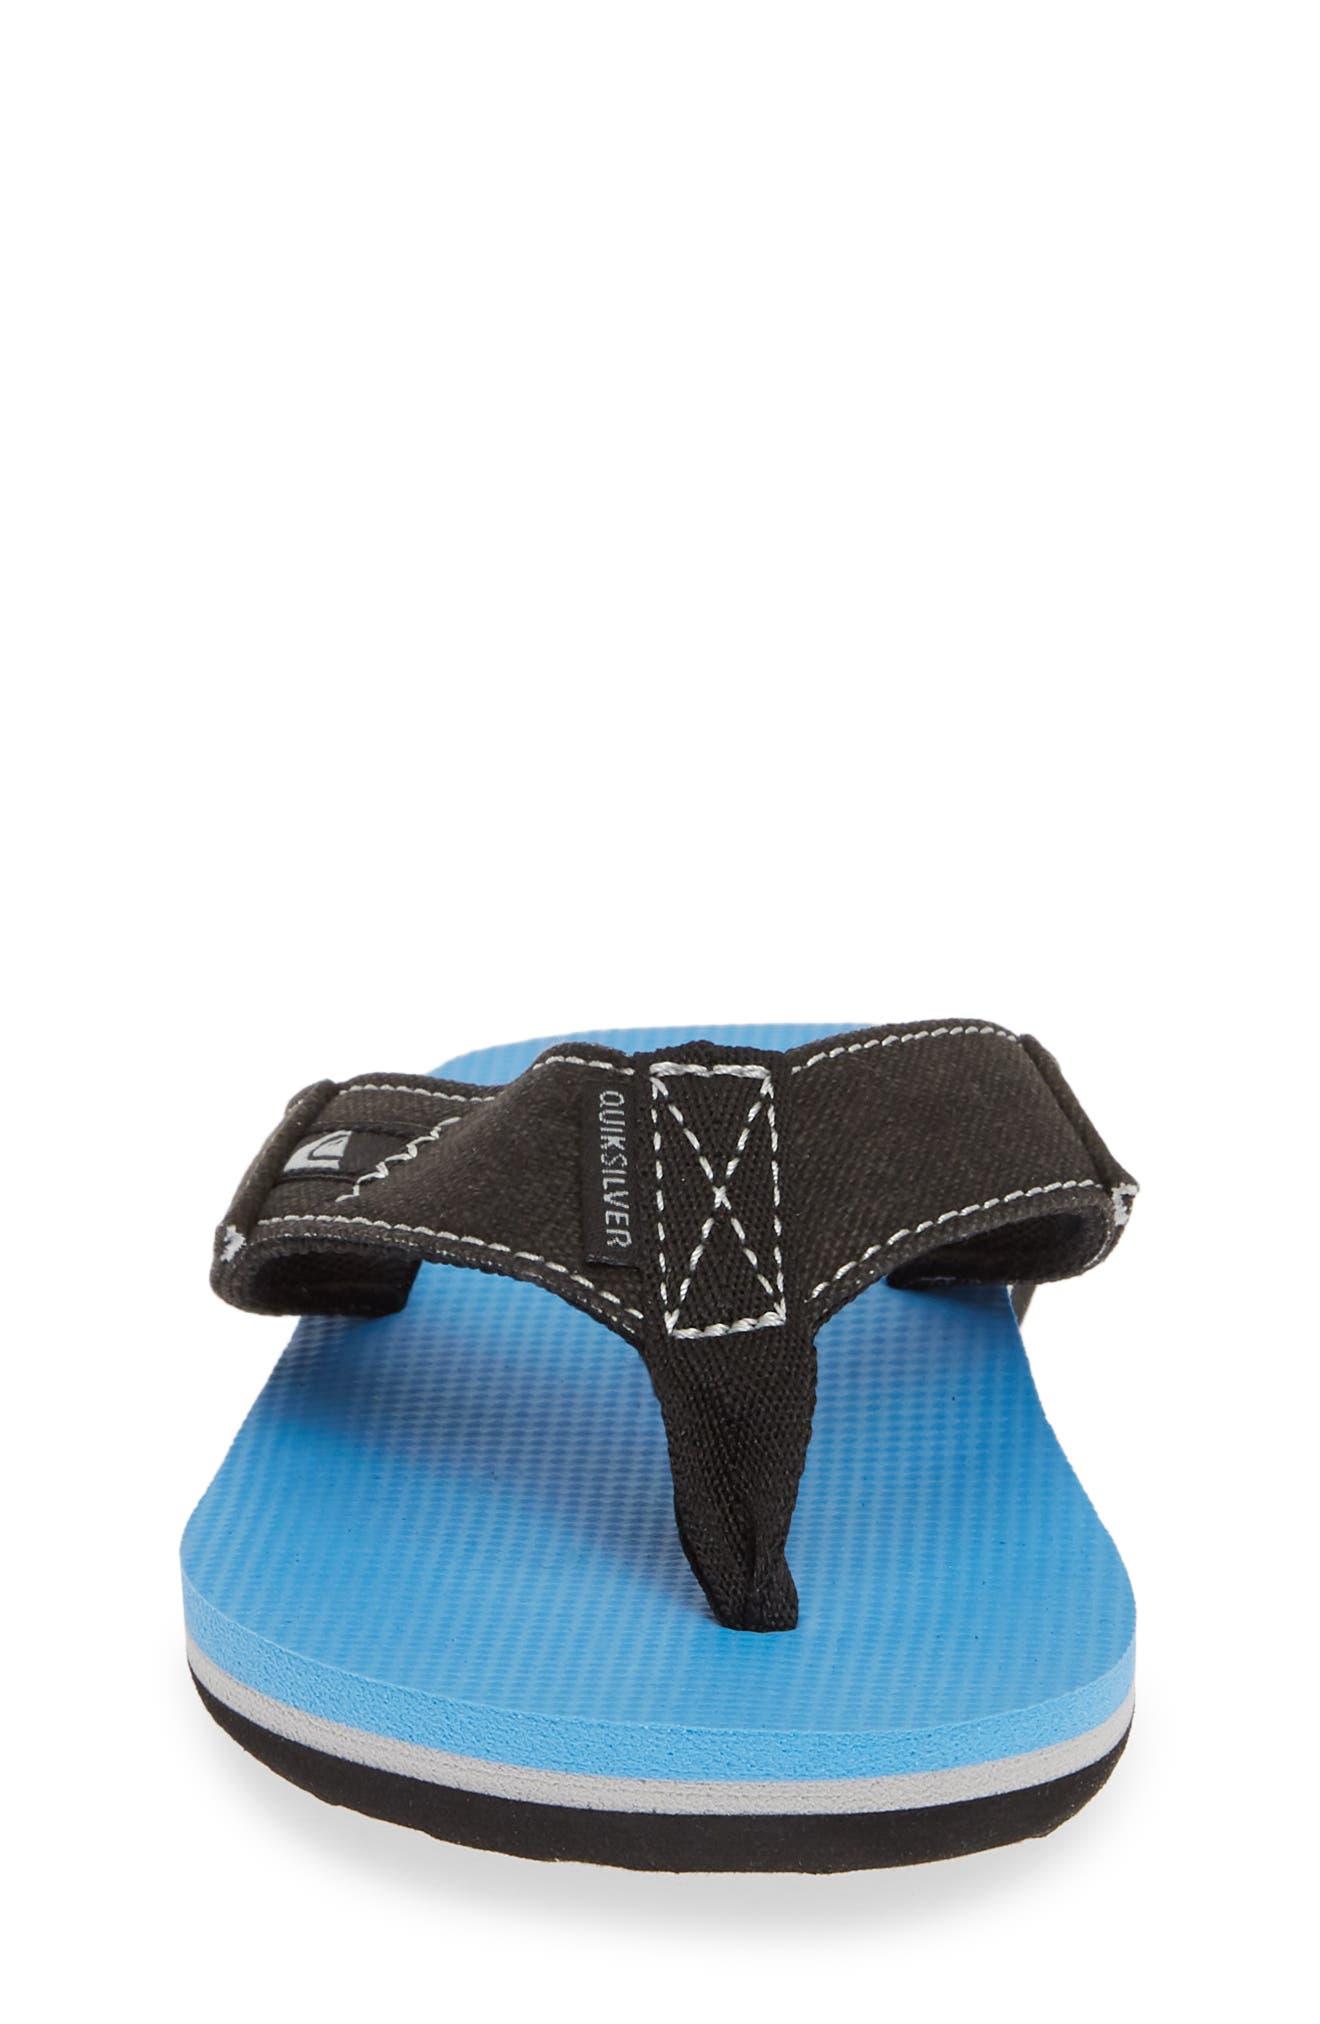 QUIKSILVER, Molokai Abyss Flip Flop, Alternate thumbnail 4, color, BLACK/ BLUE/ BLACK